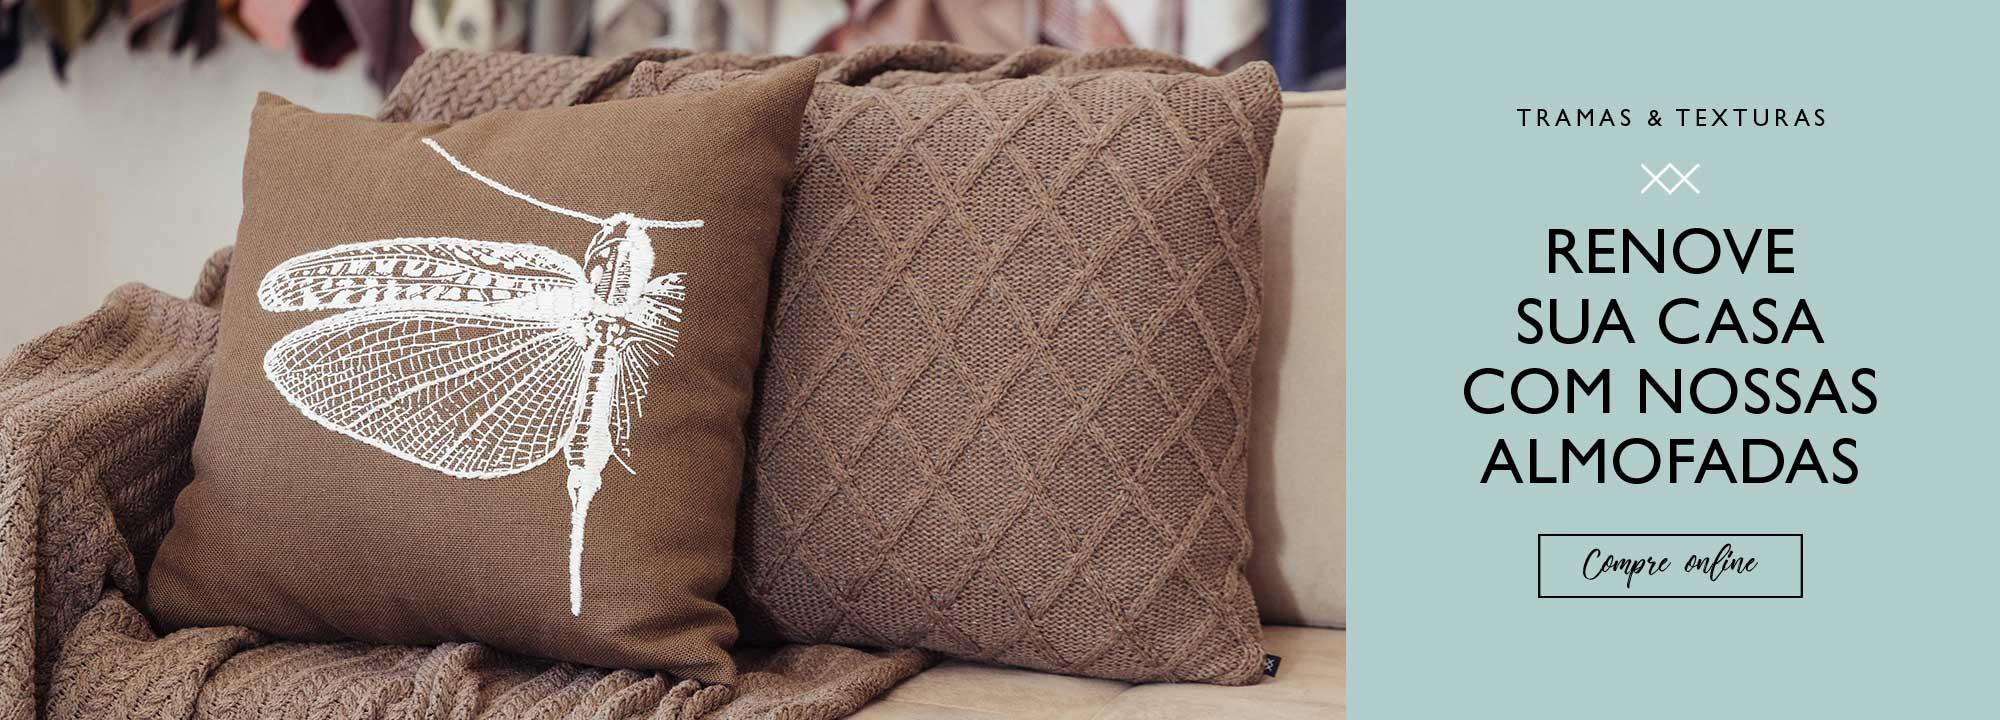 Template_01-almofadas-prontas-villa-nova-decoracao-sofa